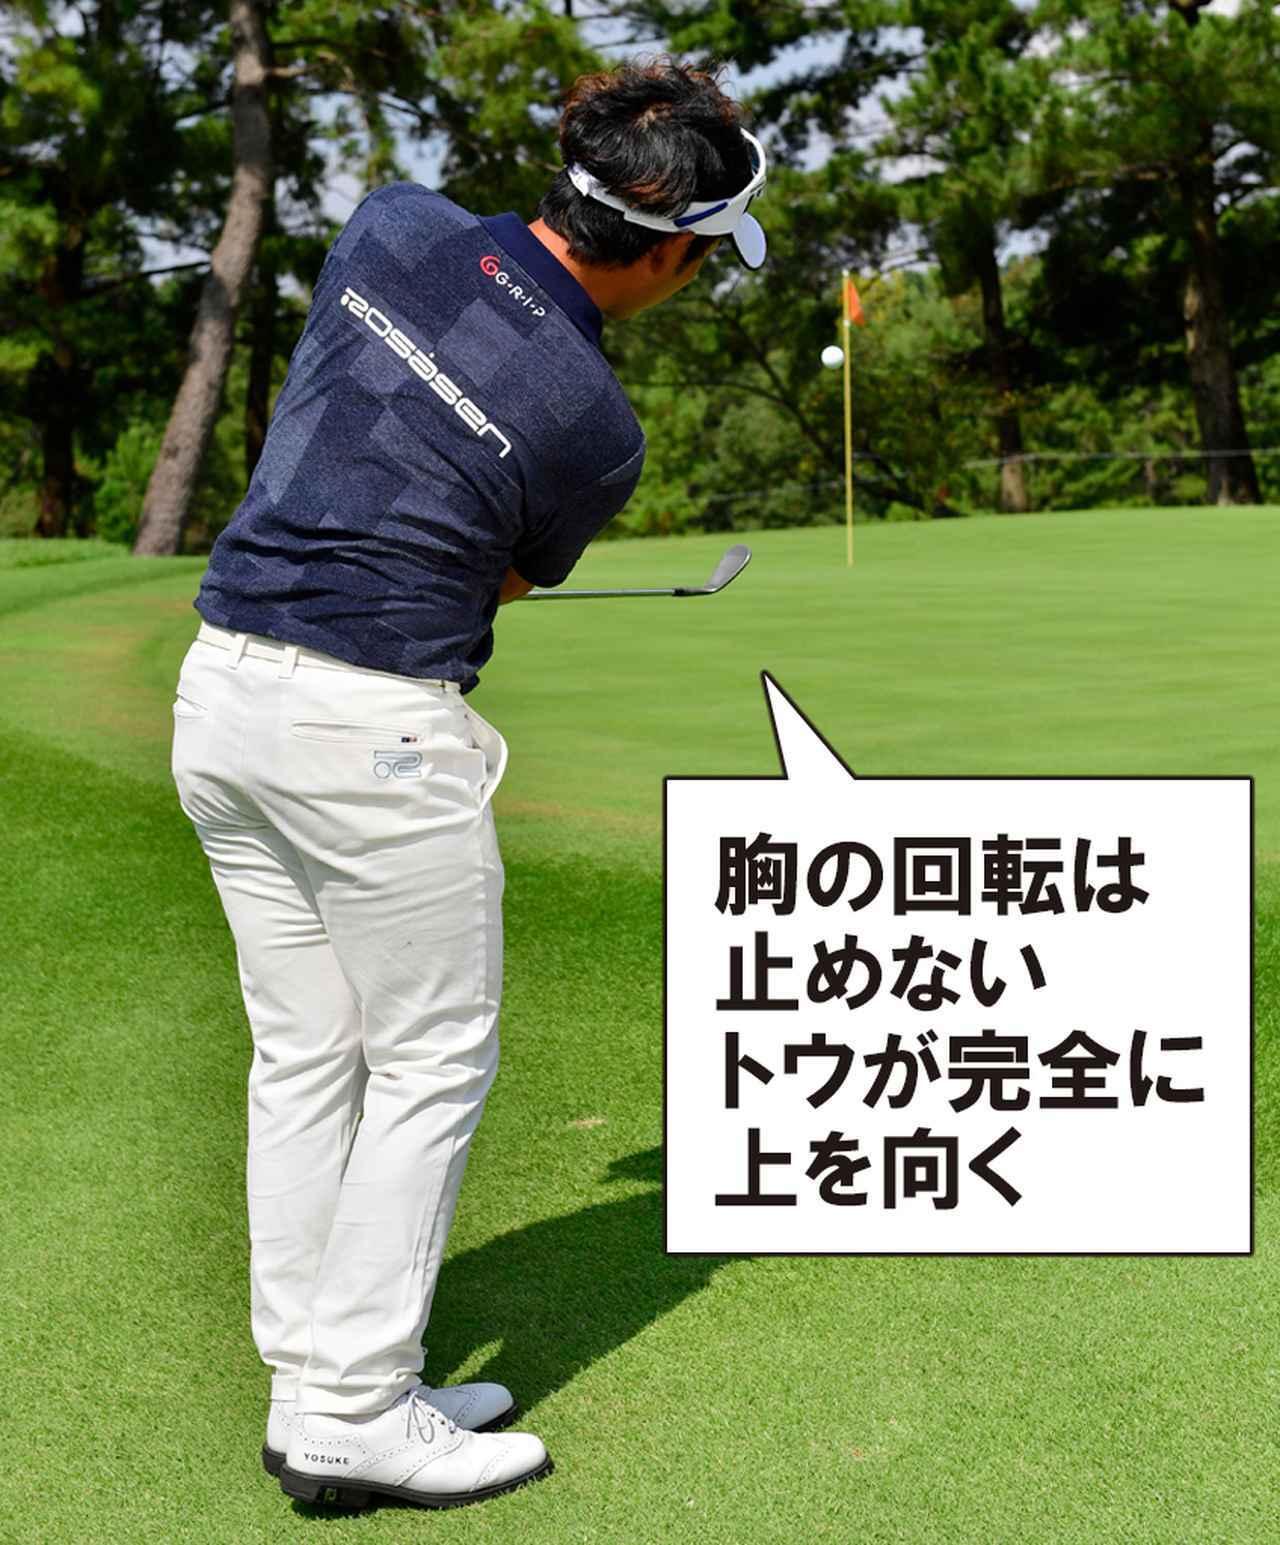 画像6: 【アプローチ】ザックリが消えて、距離感が良くなる、ドロー回転アプローチ① 石川遼はインサイドアウト軌道、その打ち方とは?